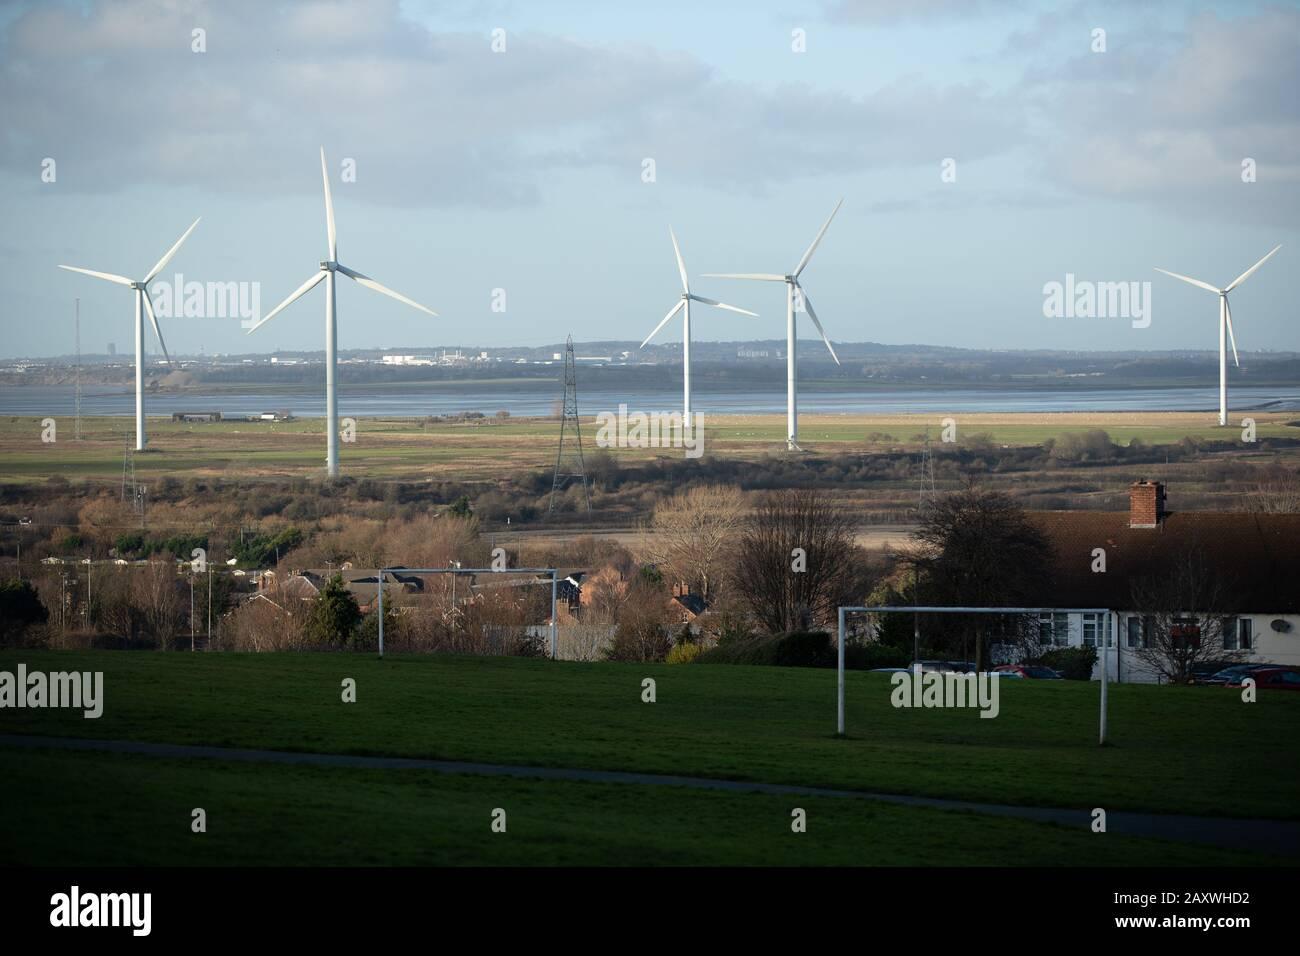 Frodsham, Reino Unido. 09 DIC 2019. Las turbinas generan electricidad a partir de energía eólica para suministrar energía a la Red Nacional del Reino Unido en Frodsha Foto de stock